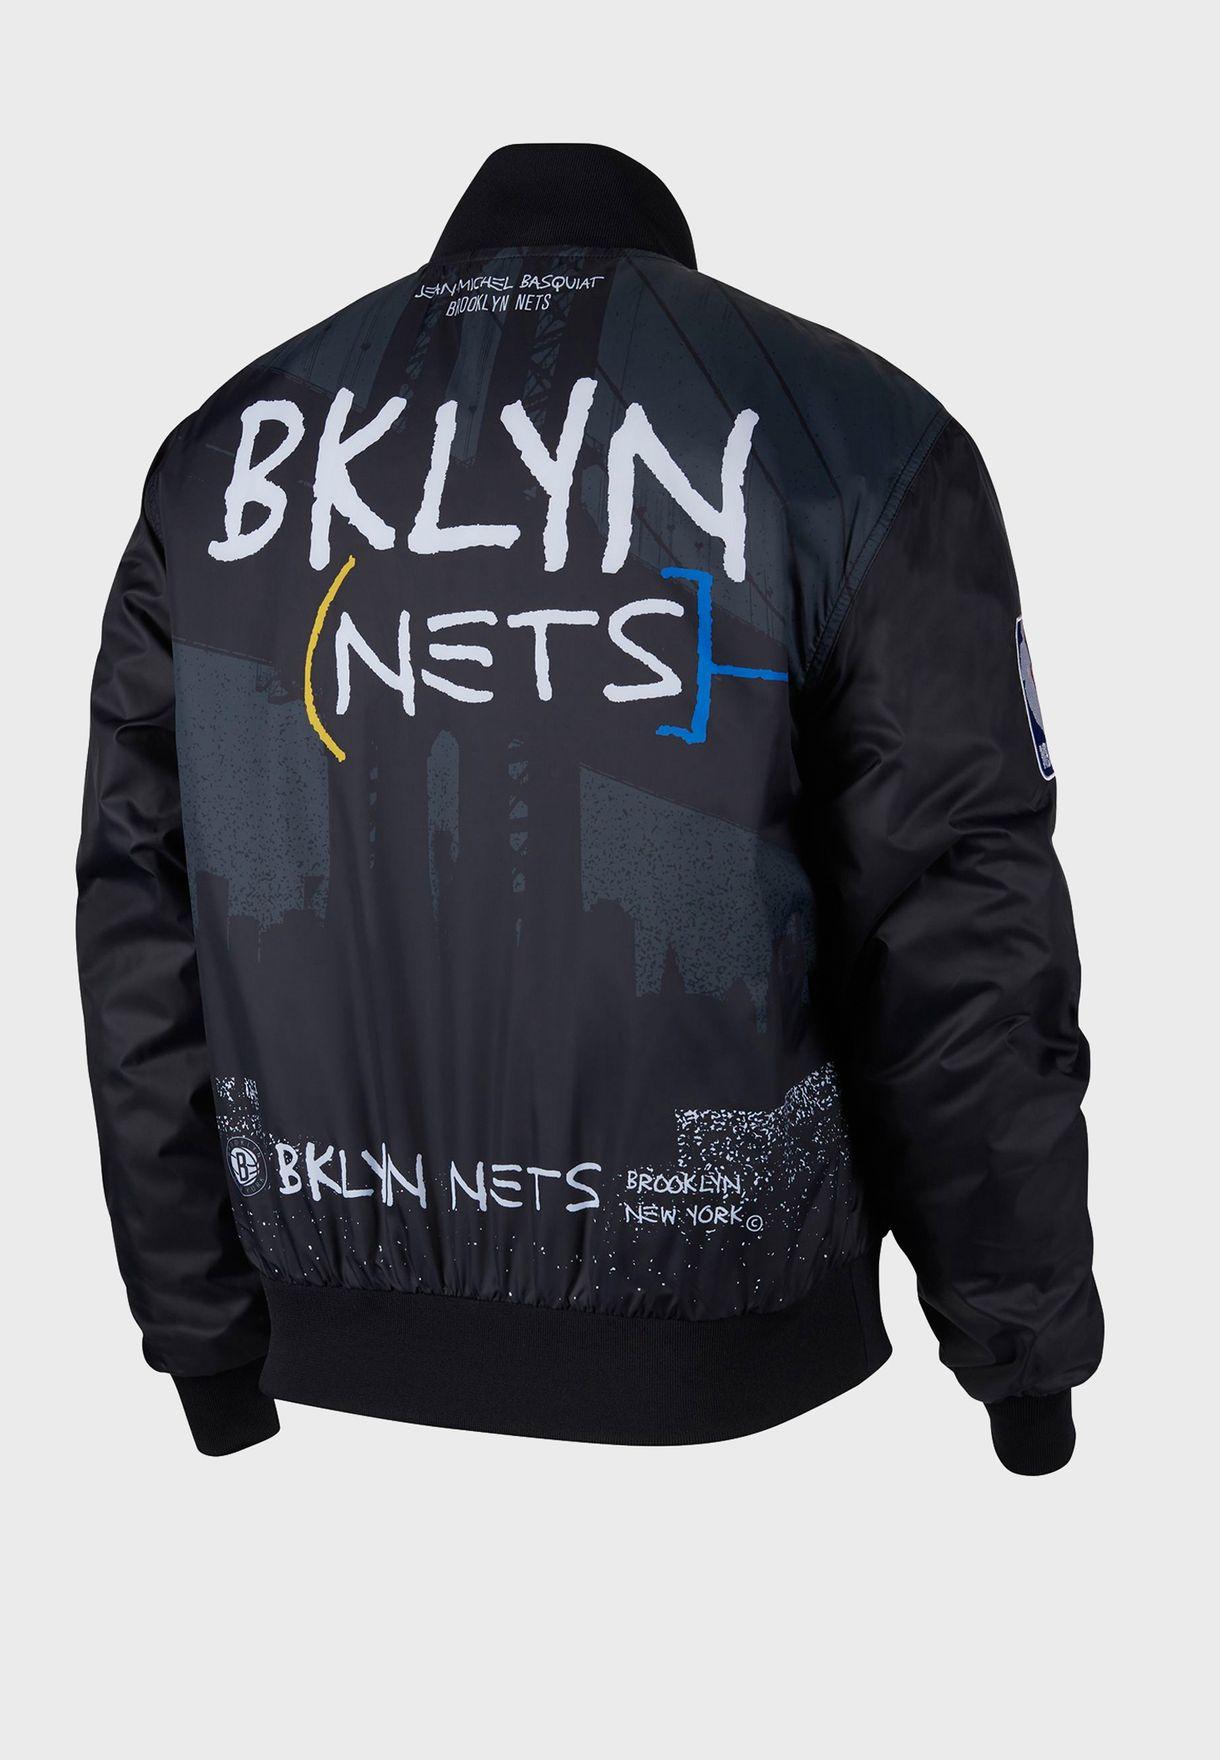 Brooklyn Nets Jacket